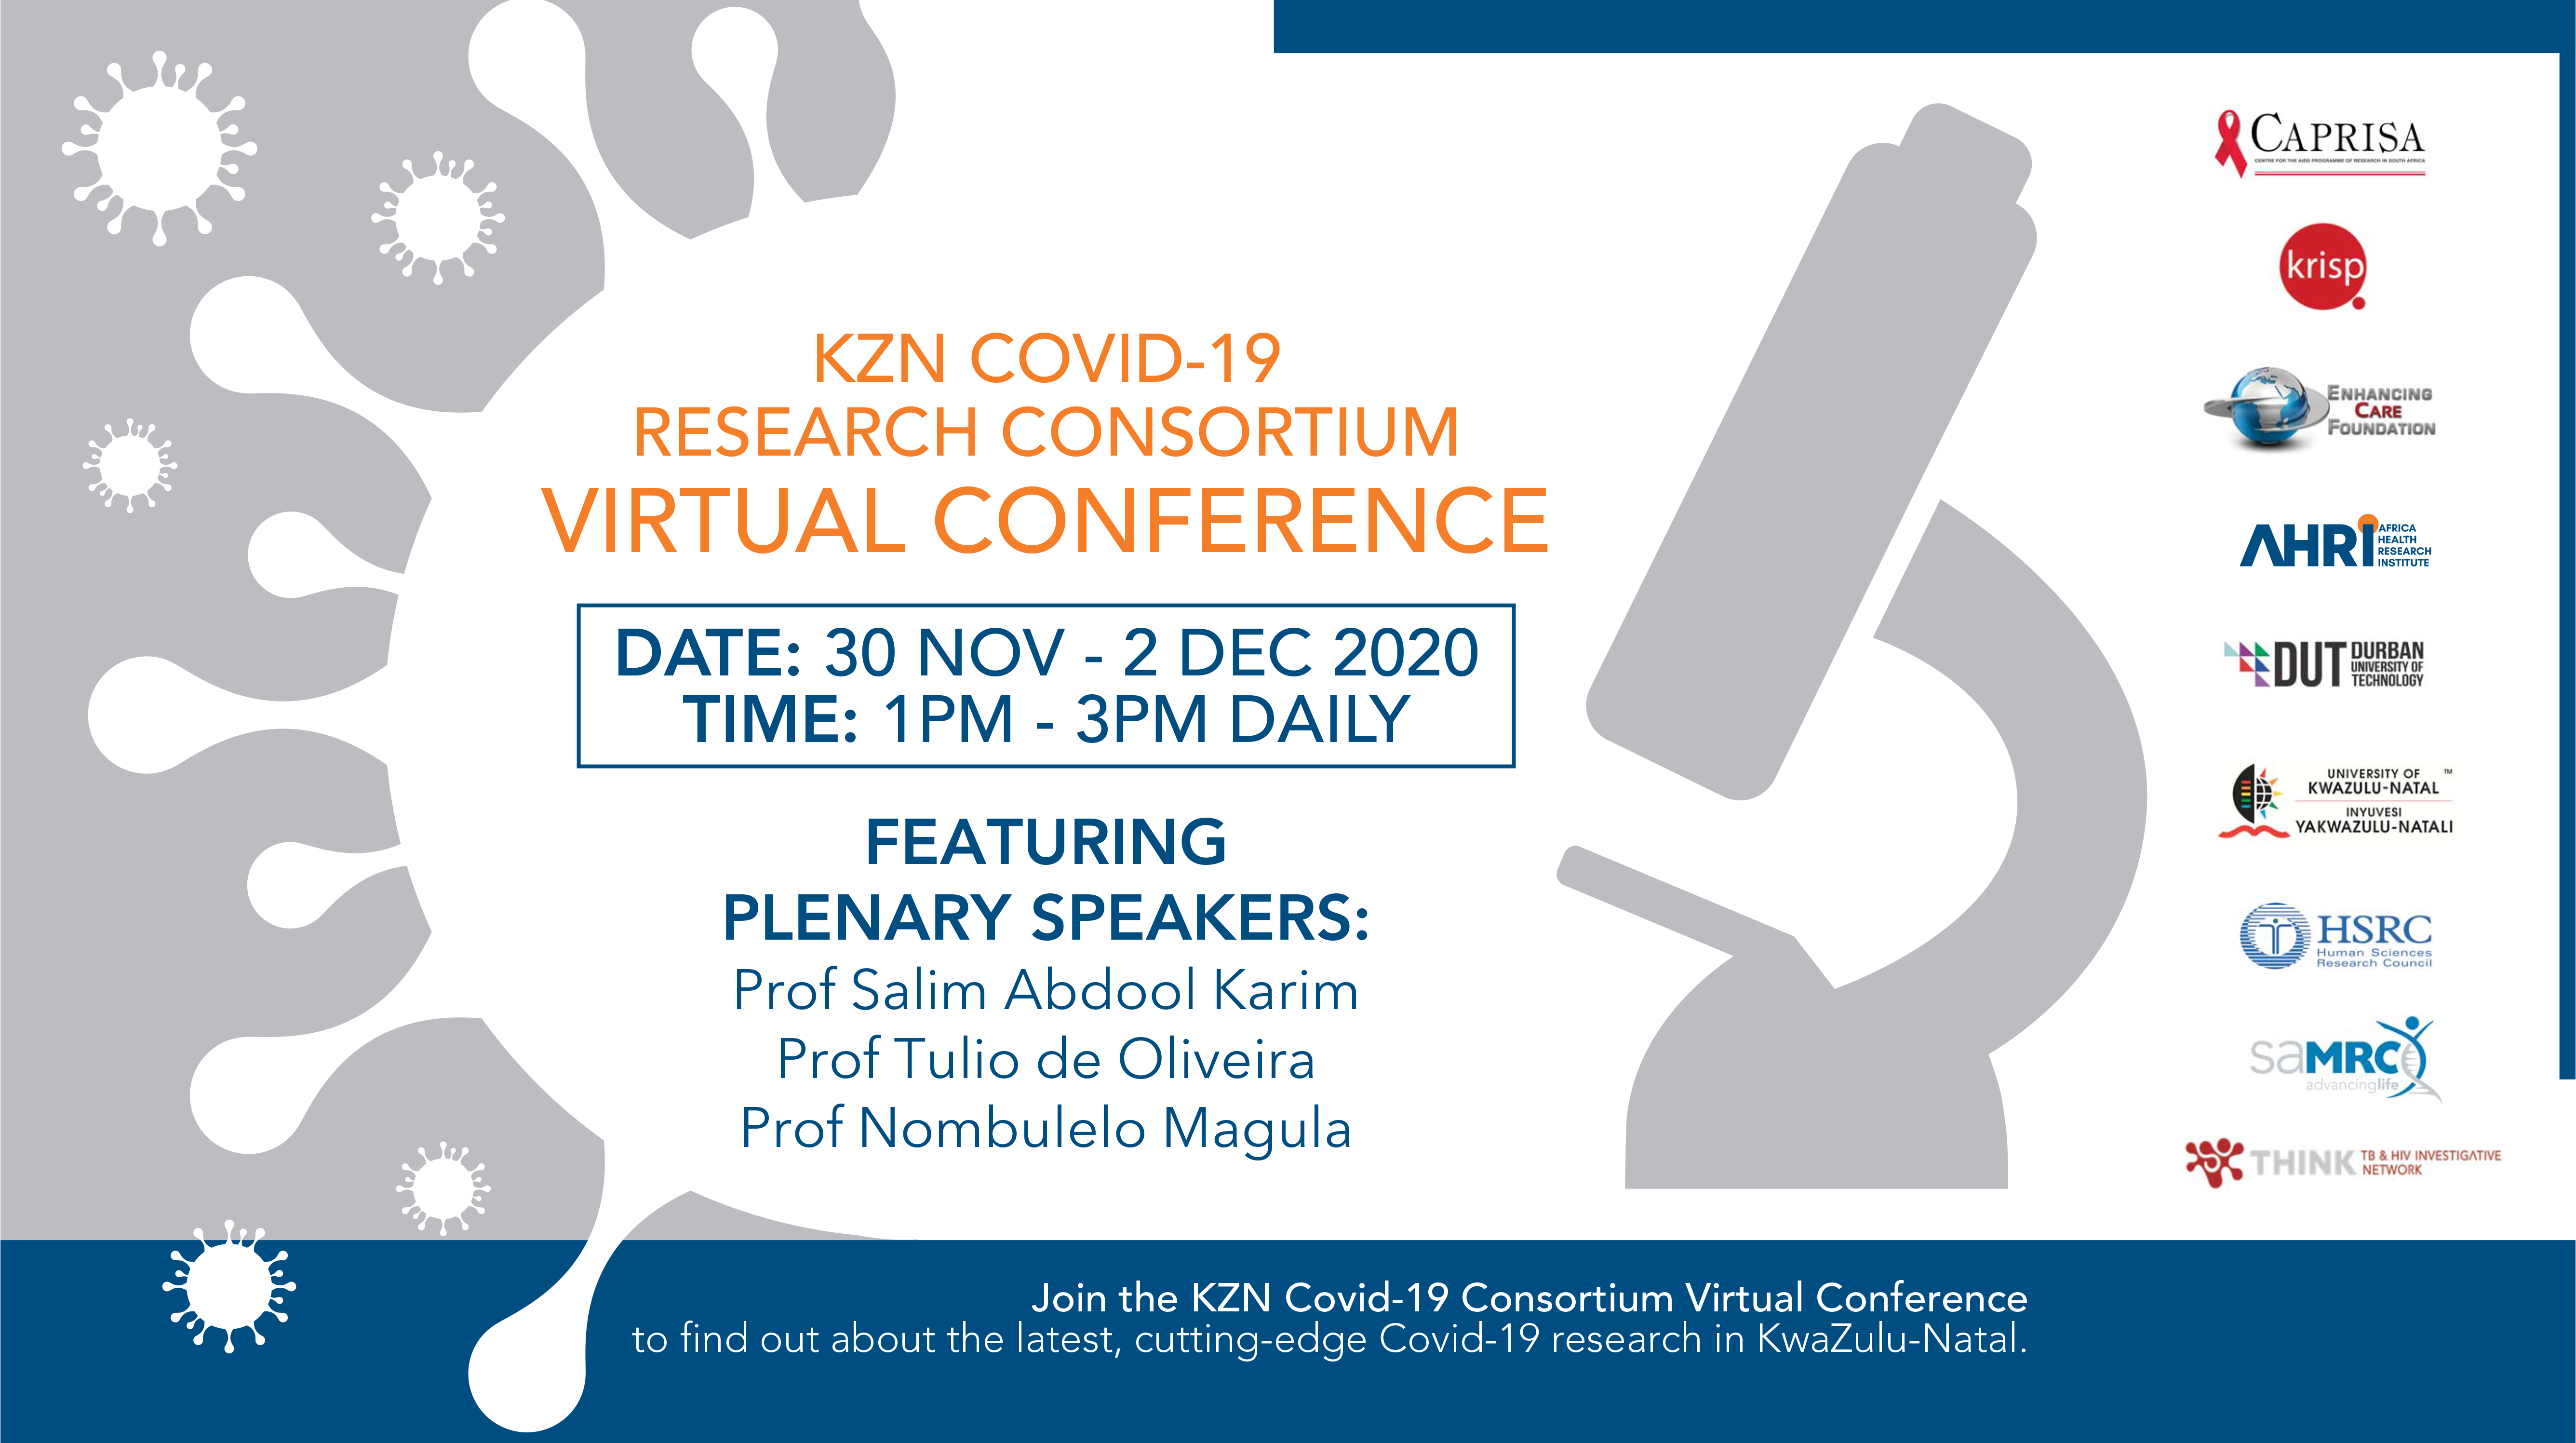 KZN Covid-19 Research Consortium Virtual Conference